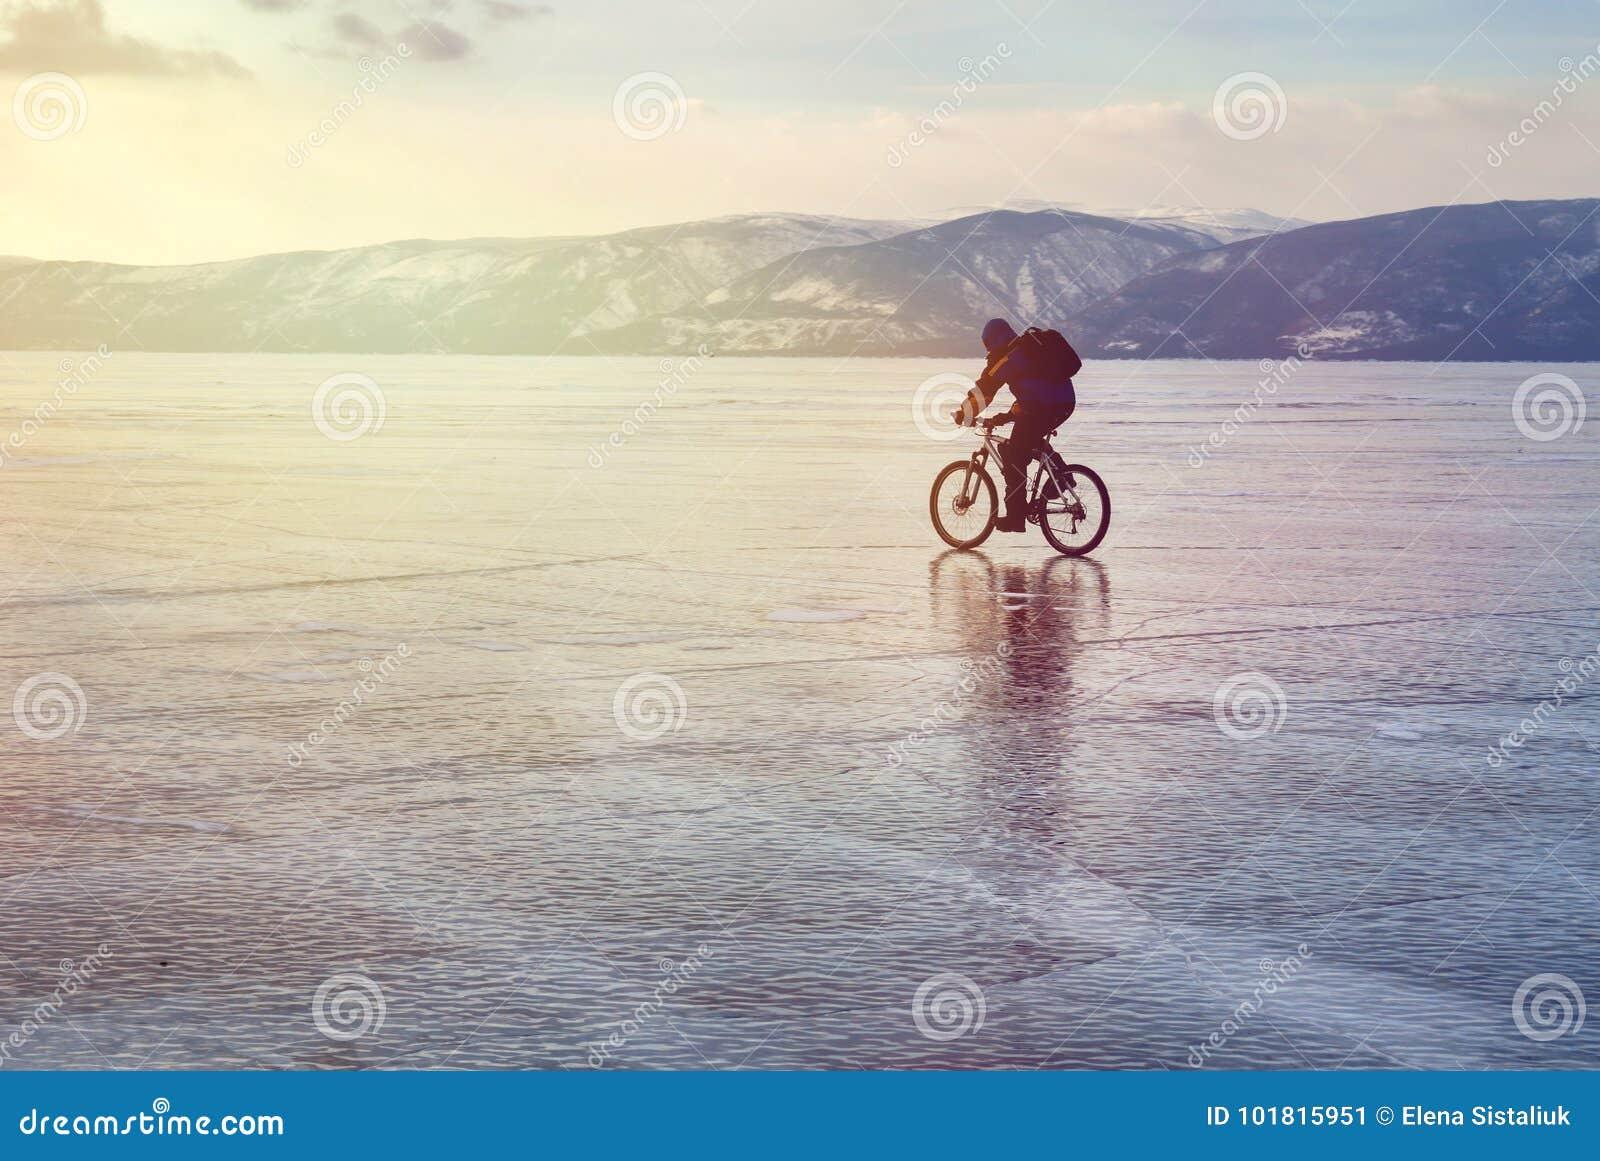 Glacez le voyageur de cycliste avec des sacs à dos sur le vélo sur la glace du lac Baïkal Dans la perspective du ciel de coucher